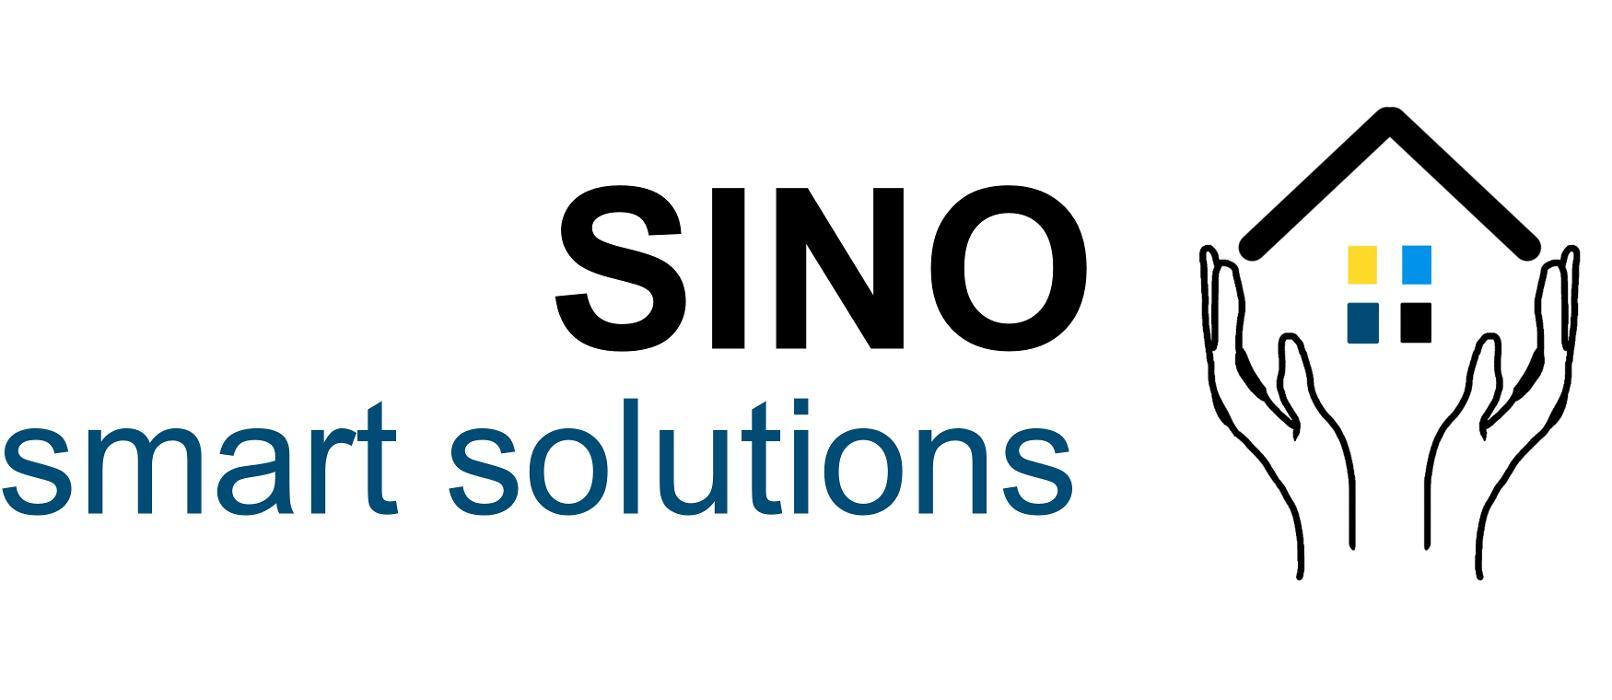 Bild zu SINO smart solutions GmbH Co. KG in Rottweil